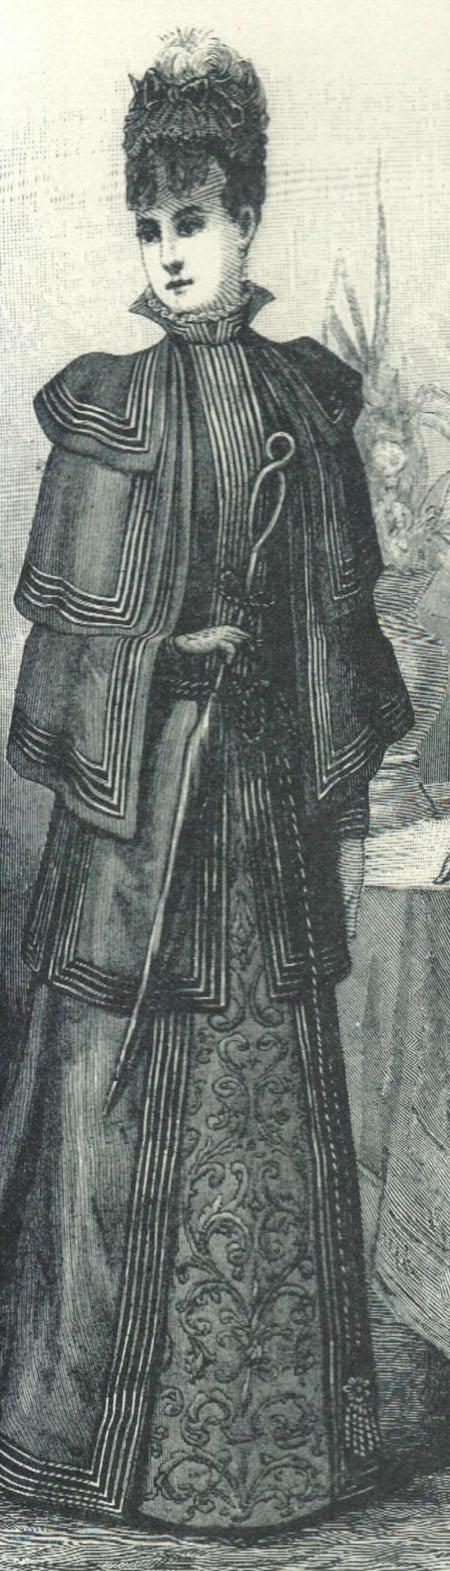 60887d608a1 крой костюмов исторических - Самое интересное в блогах